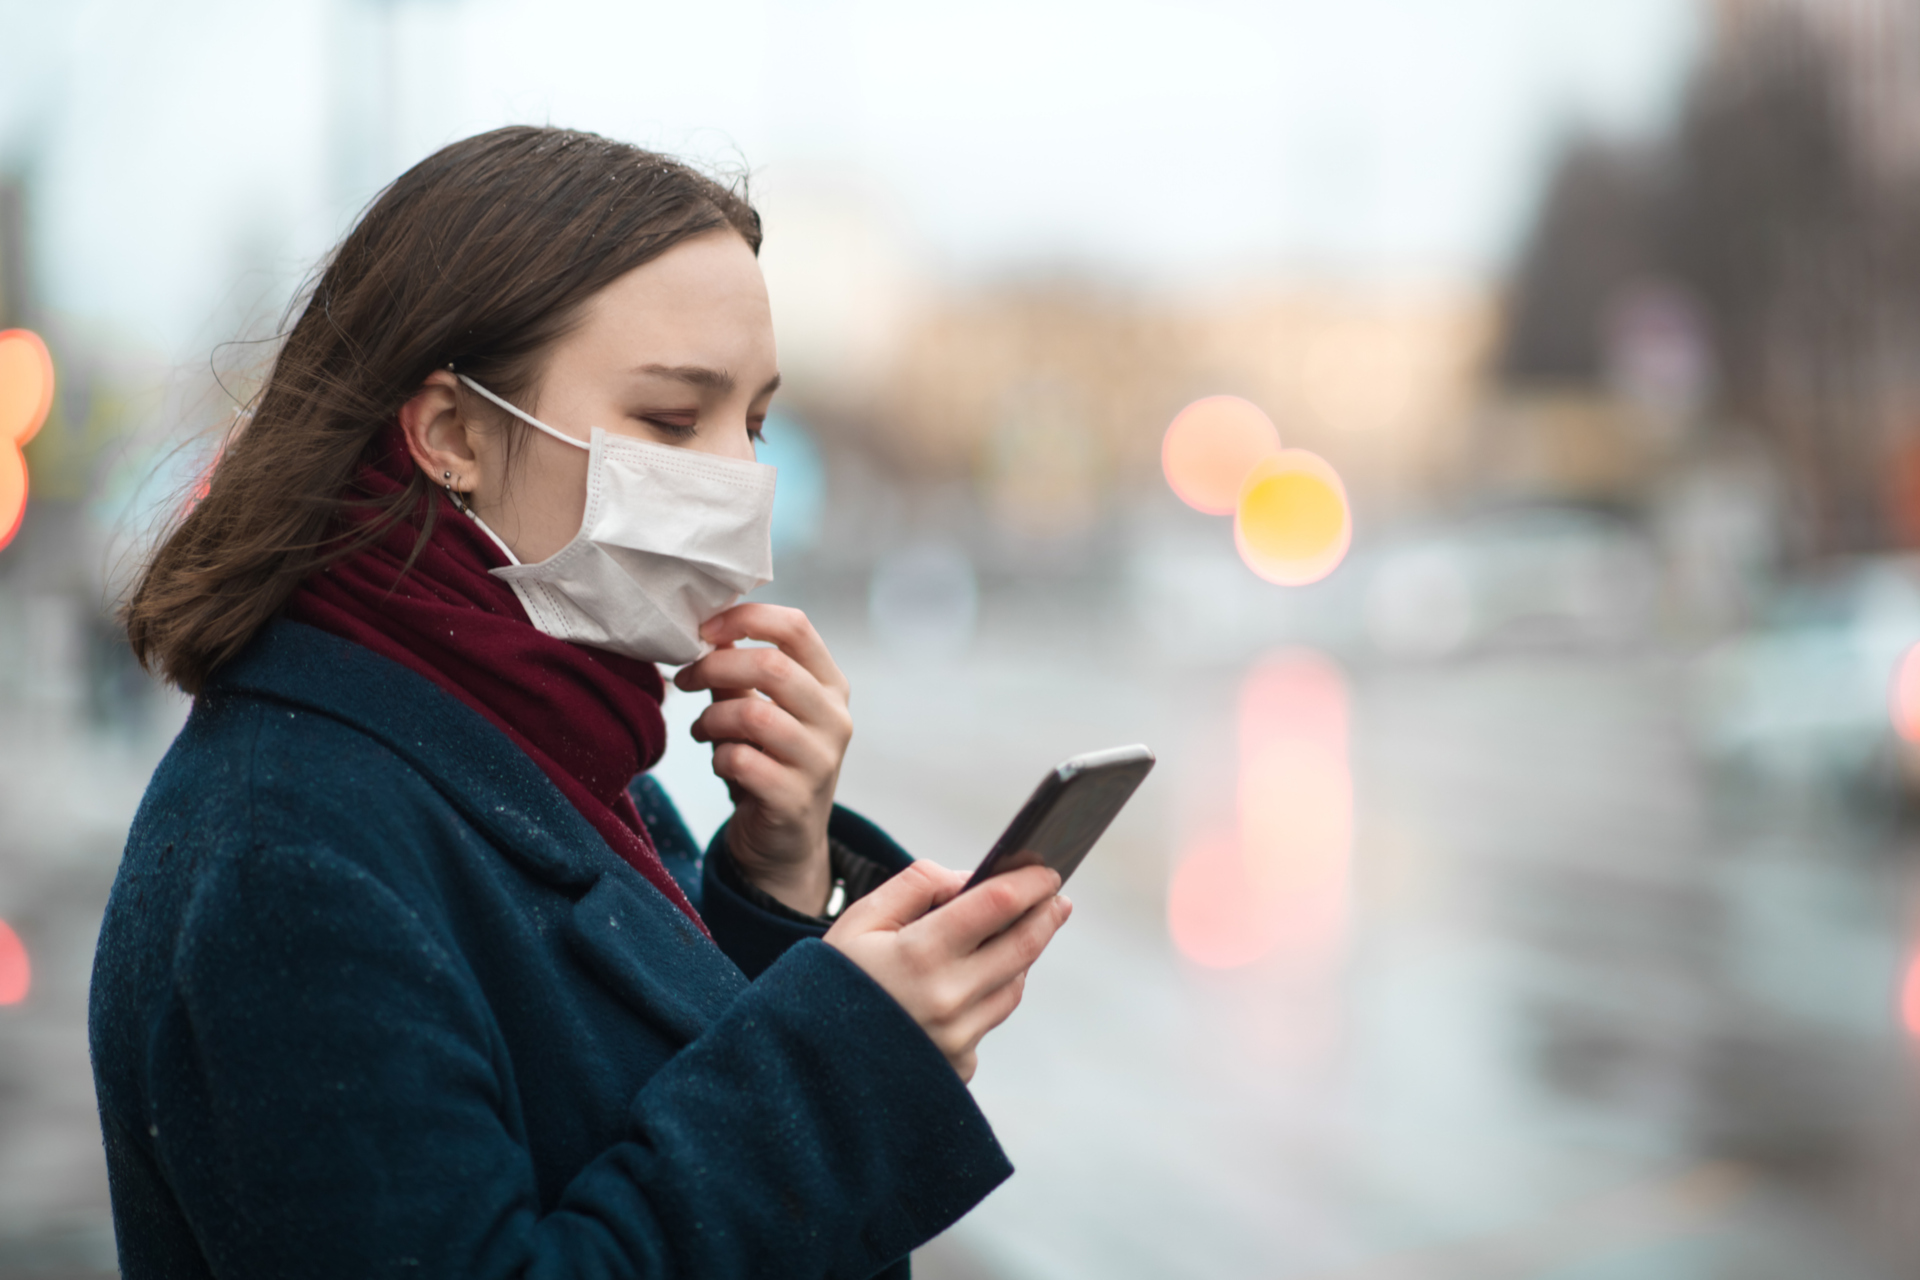 Ragazza con la mascherina e lo smartphone